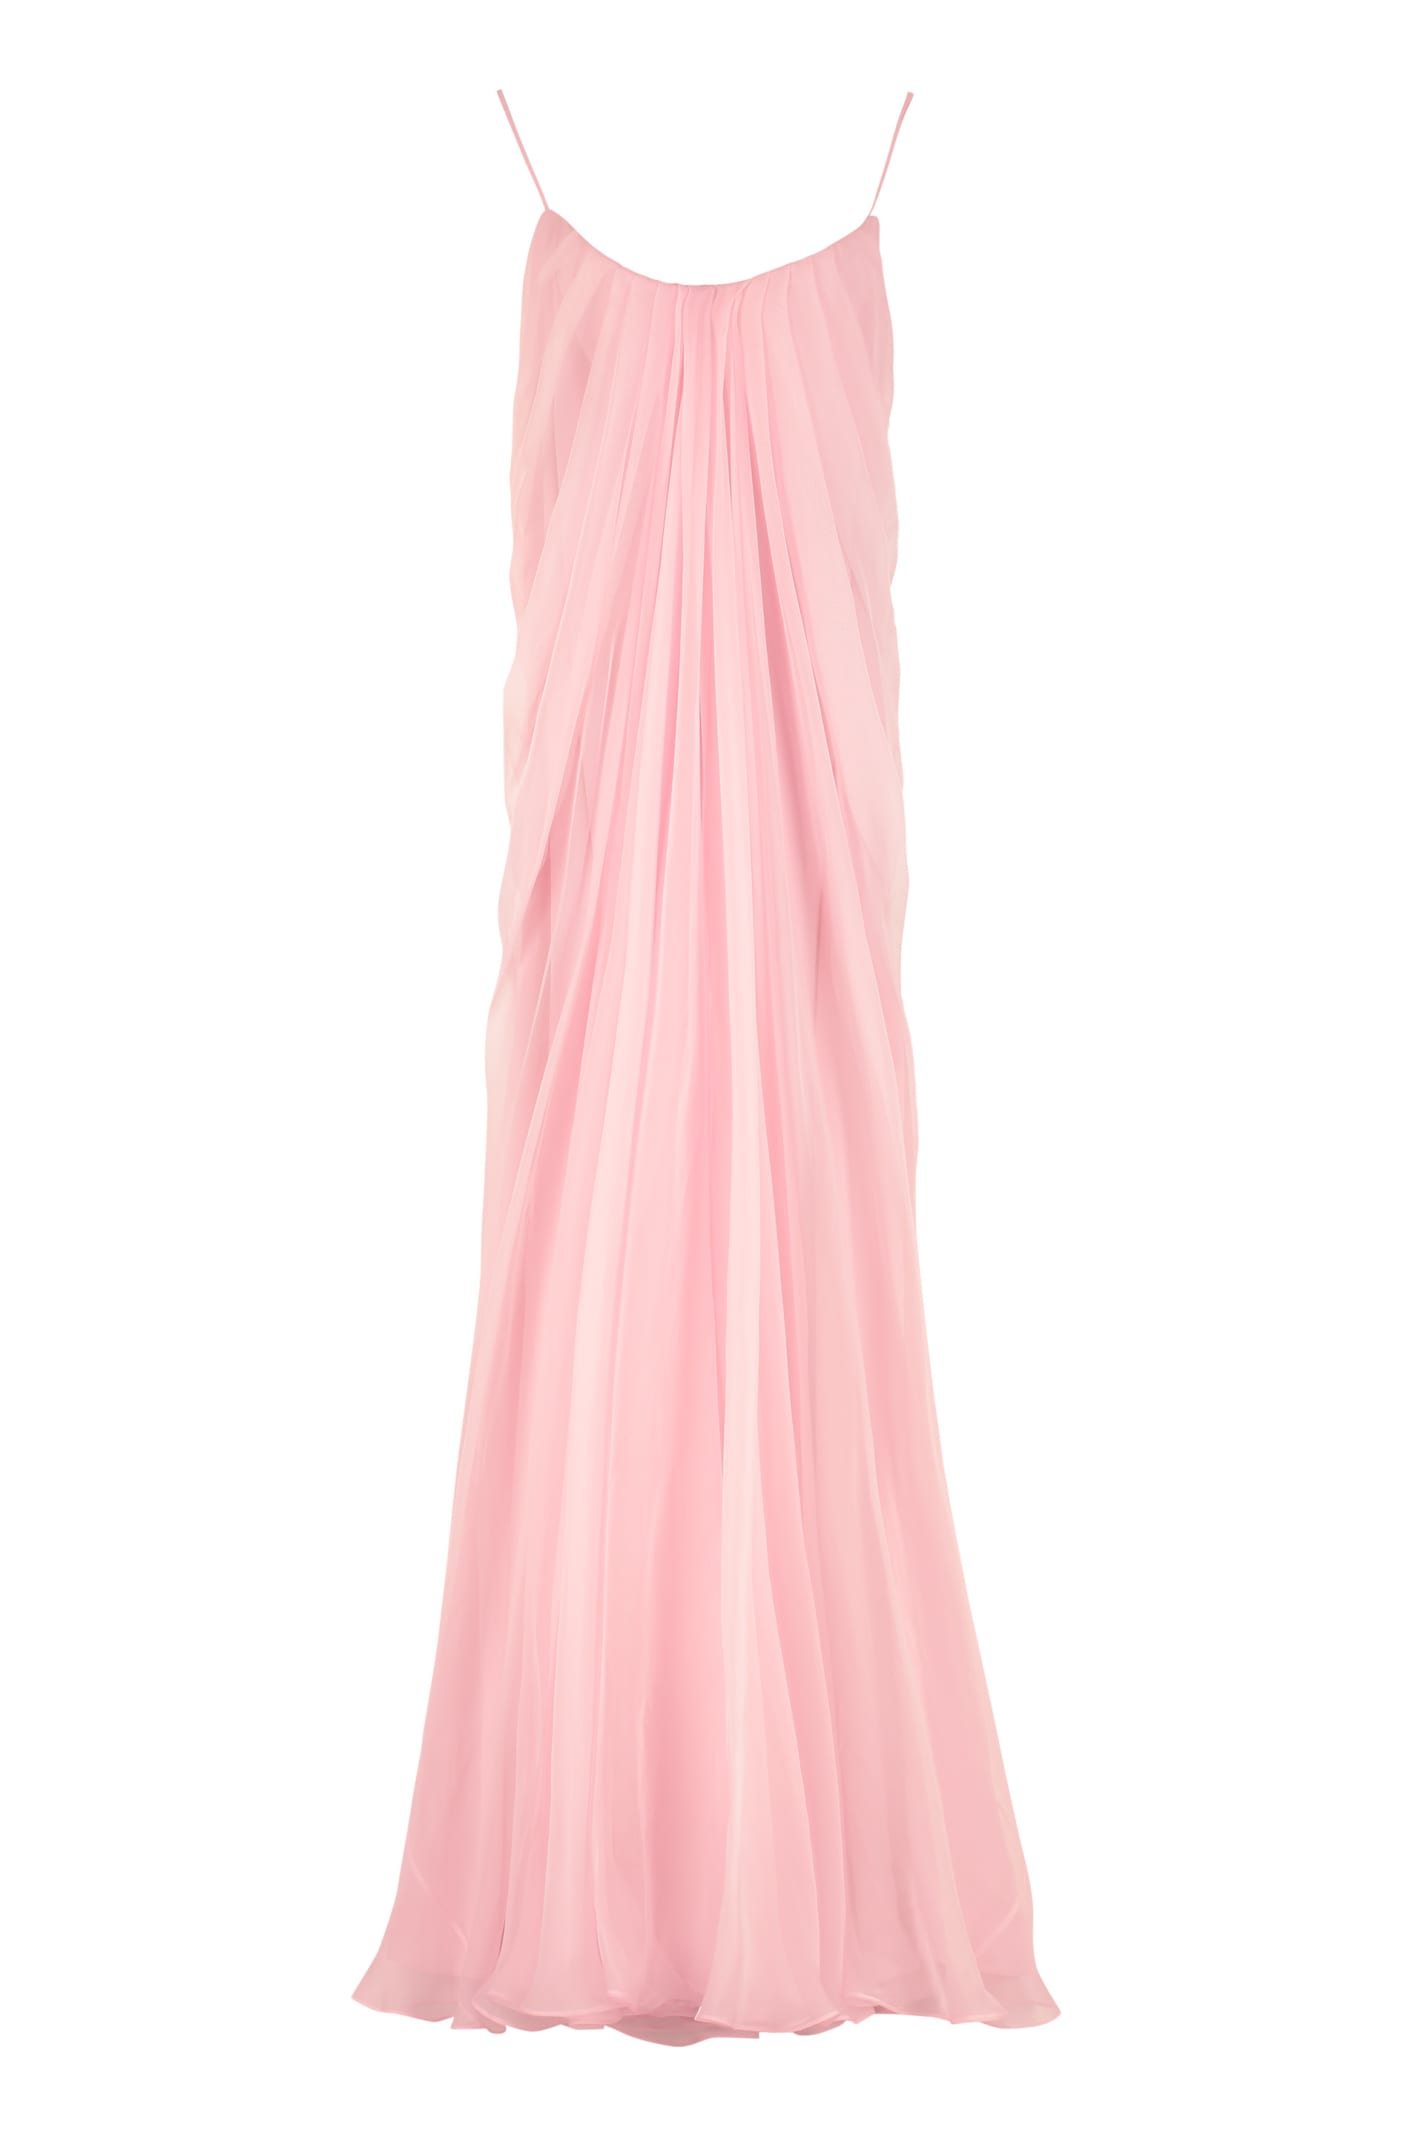 Alexander McQueen Draped Long Dress